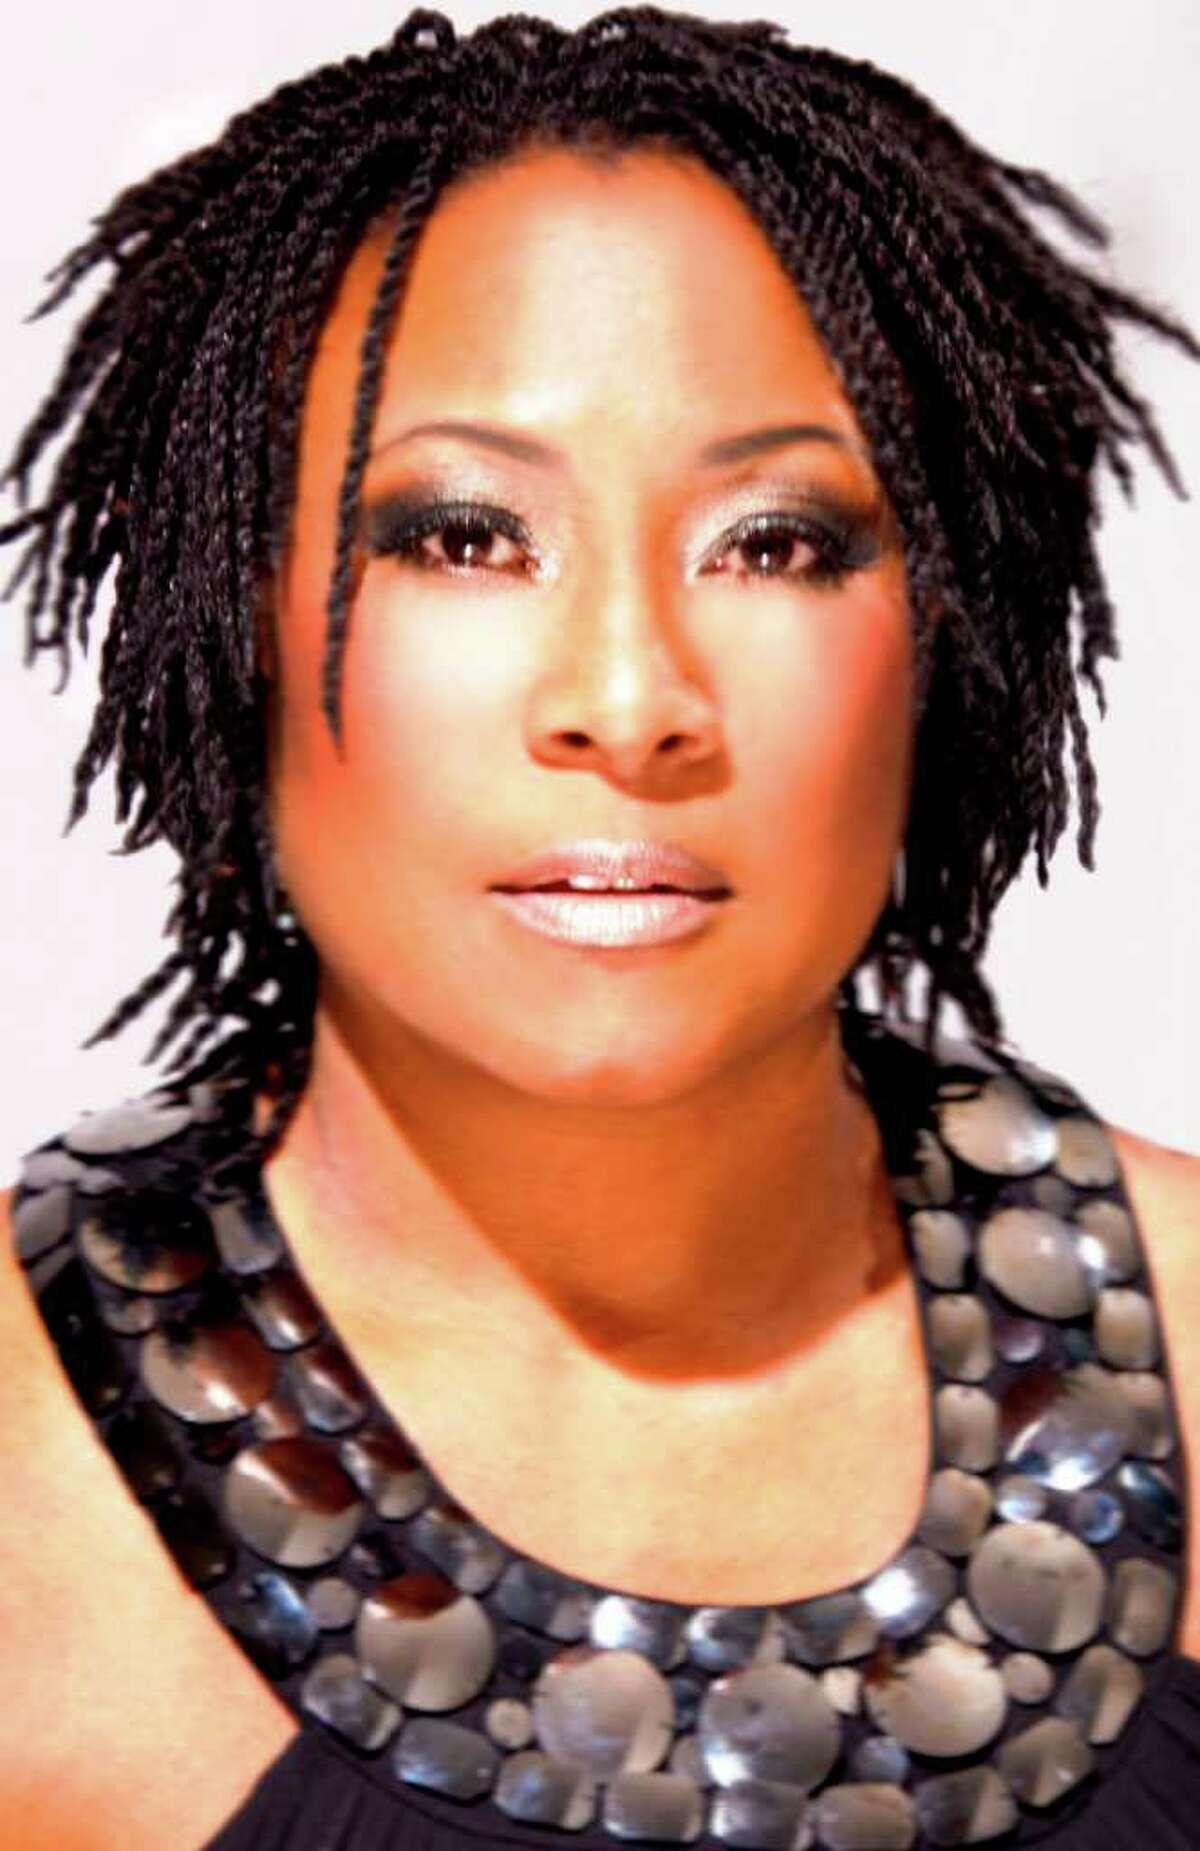 Jazz performer Geri Allen